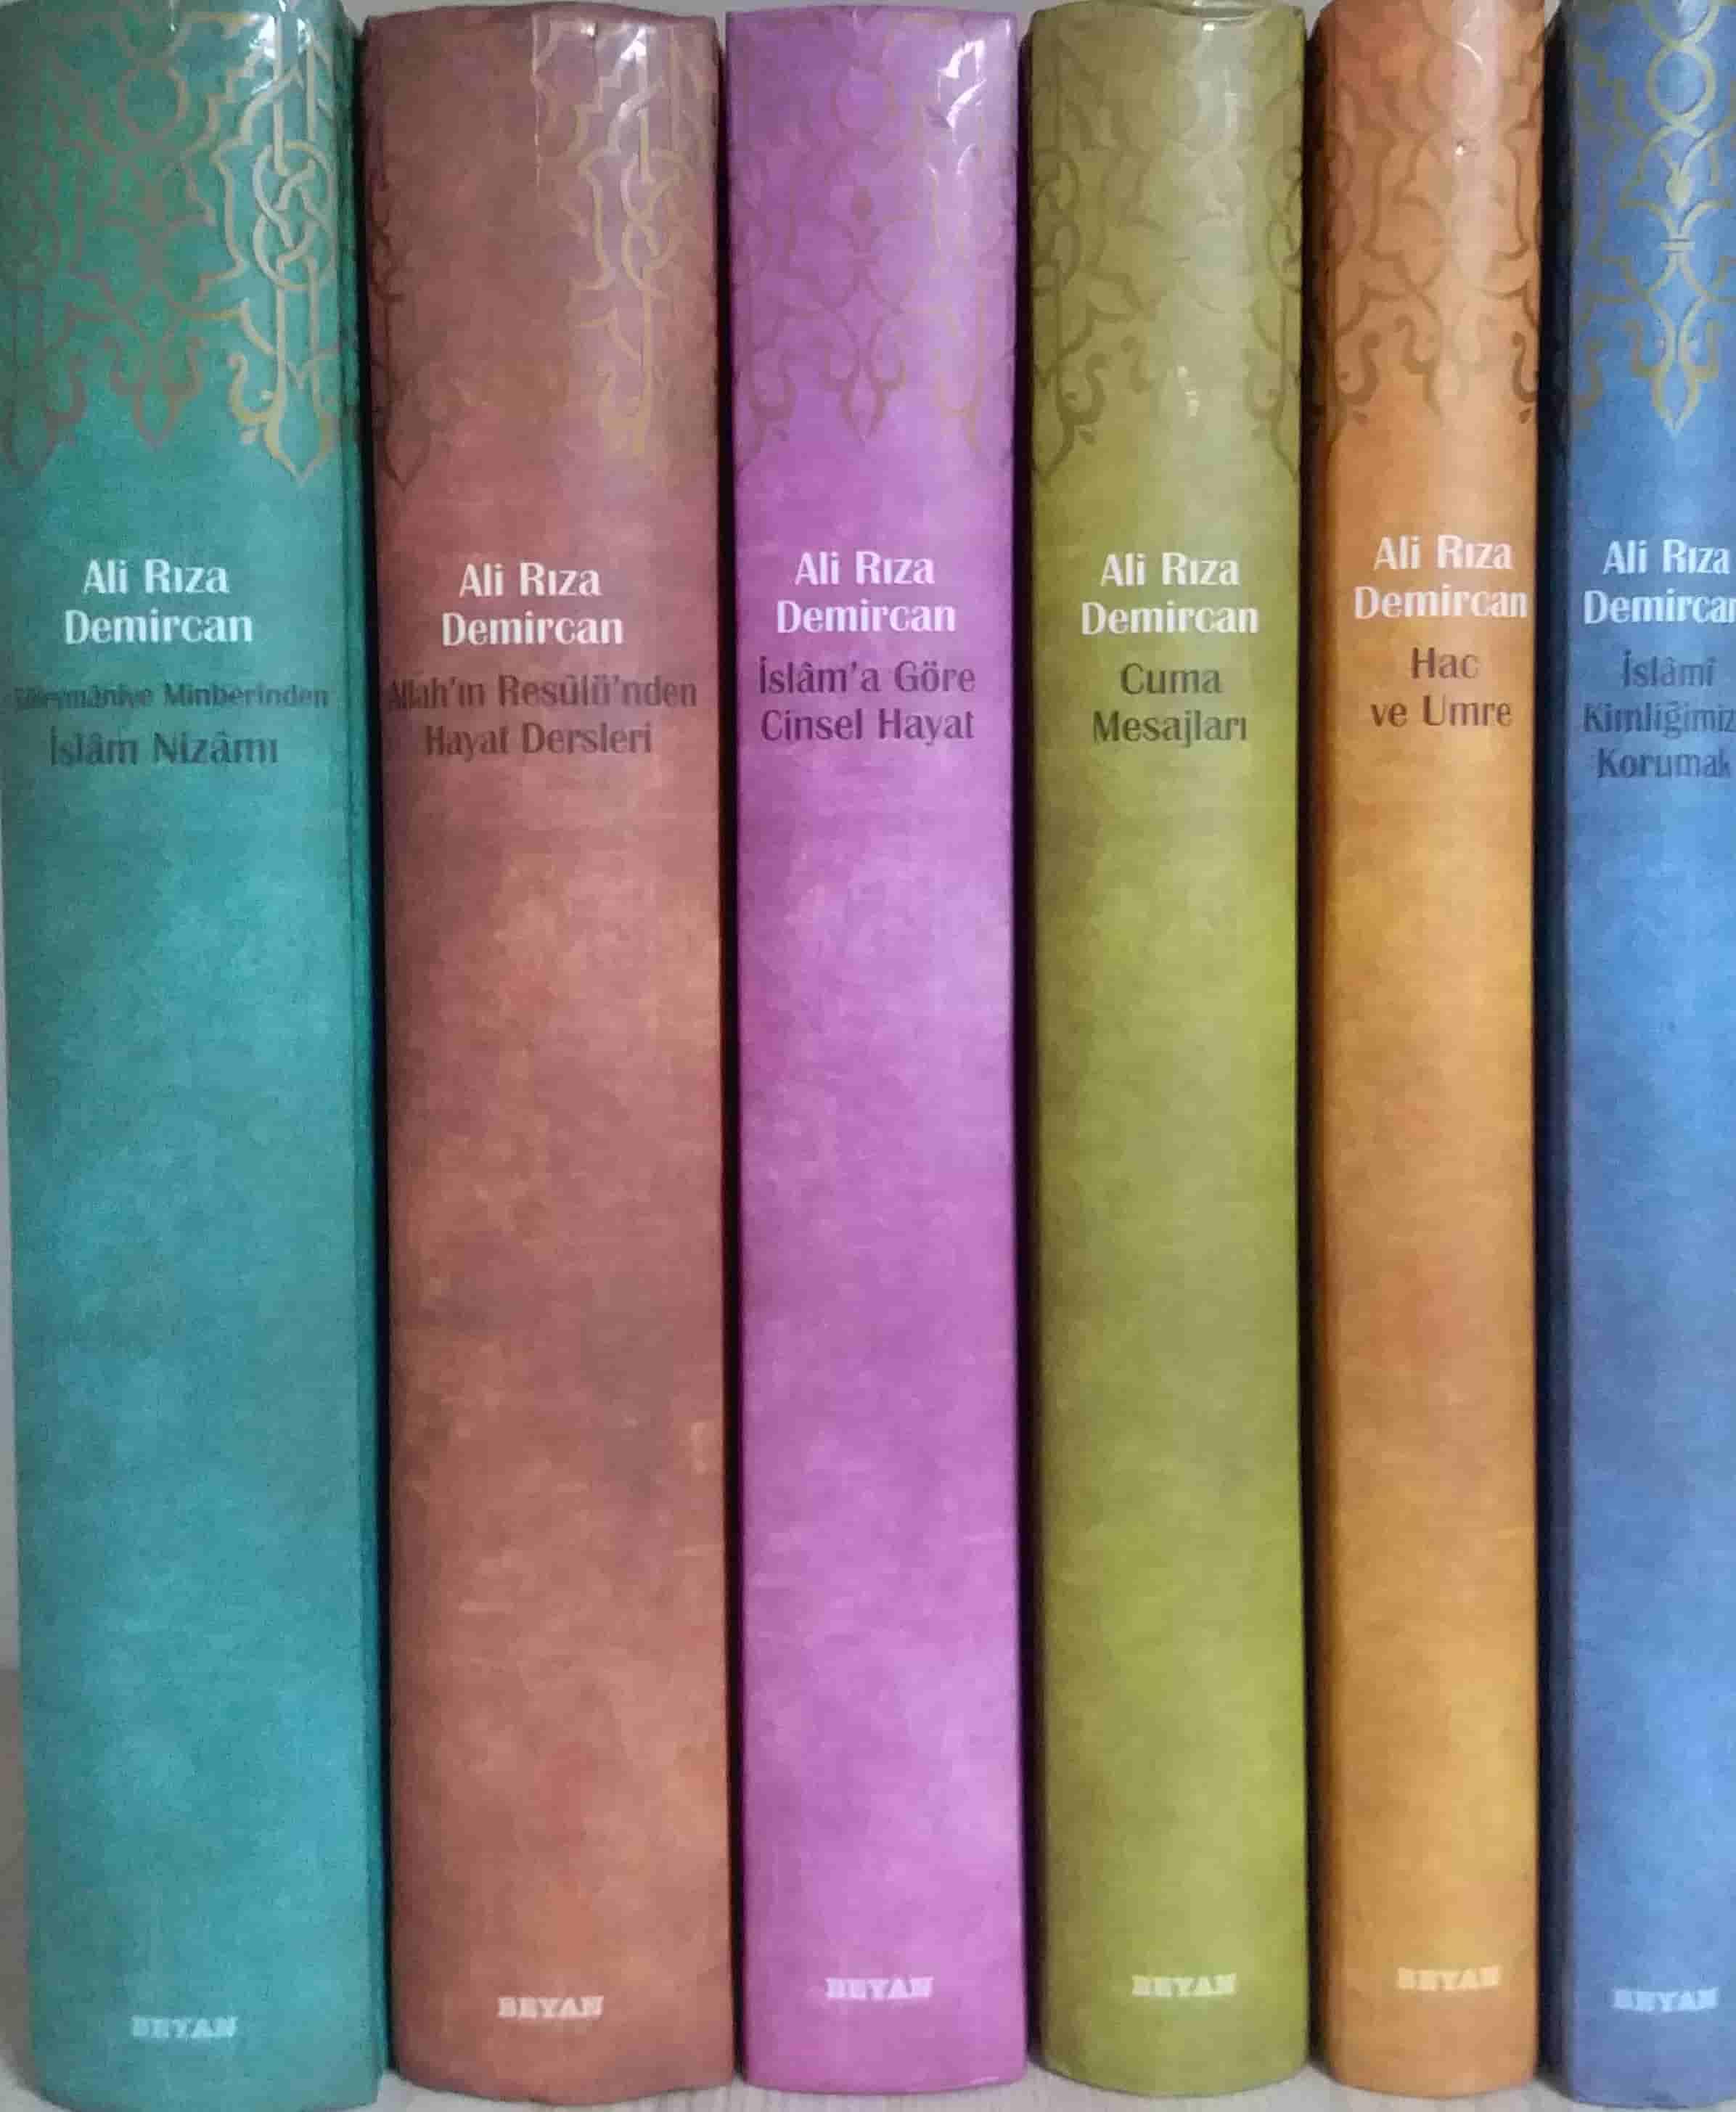 Ali Rıza Demircan Bütün Eserleri (6 Kitap Takım - Kutulu); İslami Kimliğimizi Korumak - Hac ve Umre - Cuma Mesajları - İslam'a Göre Cinsel Hayat - Süleymaniye